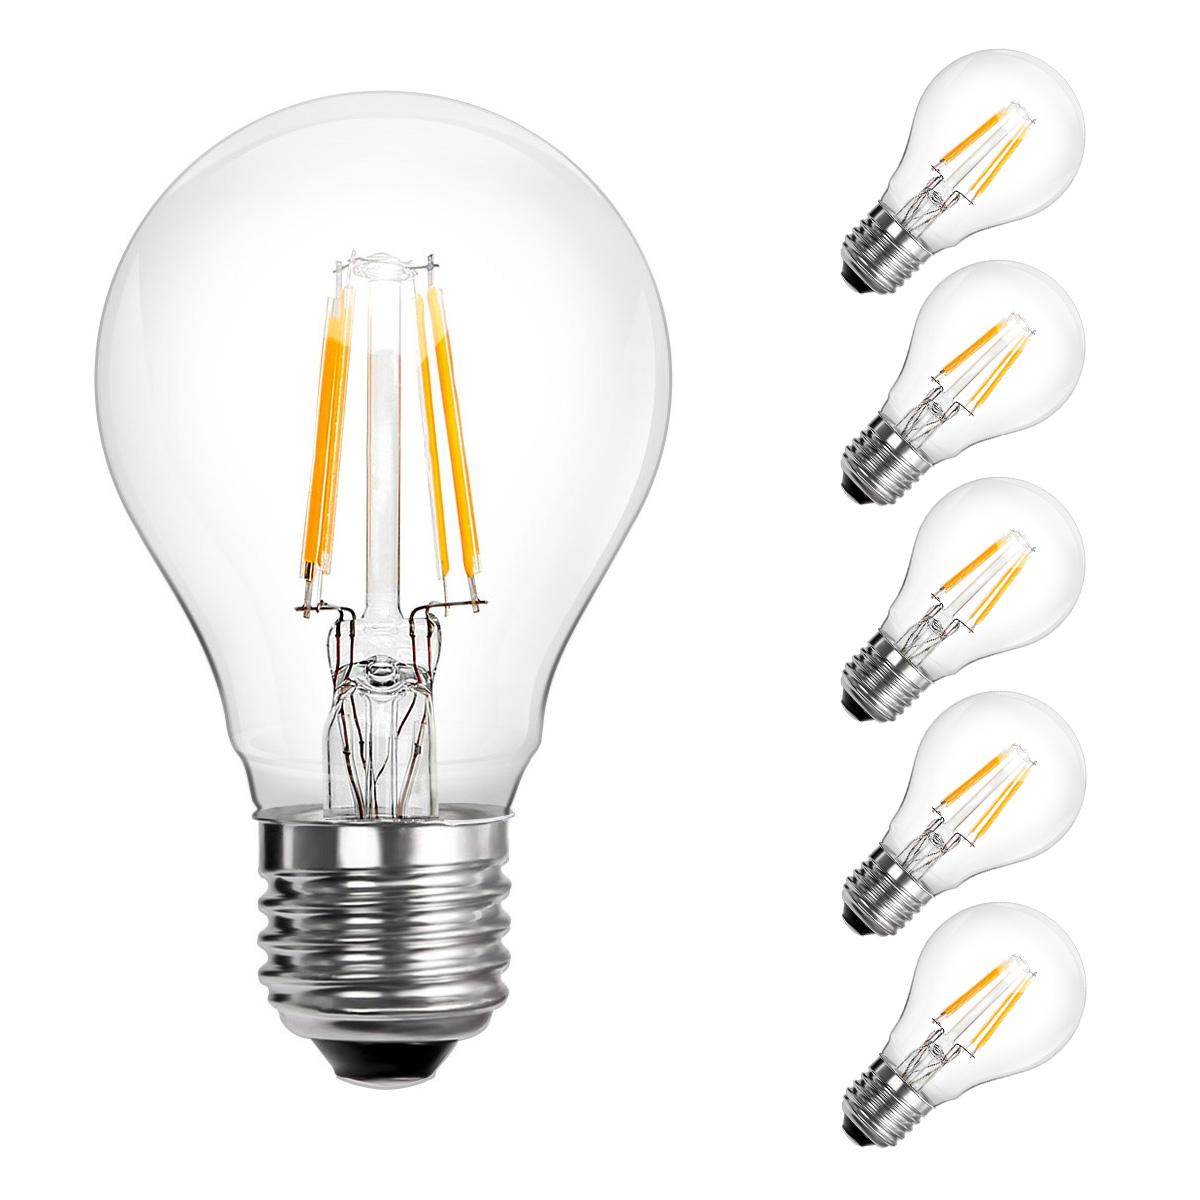 [Bündel] 4W A60 LED Glühfaden Birnen, 360° Strahler, Ersatz für 40W Glühlampe, Warmweiß, 5er Set